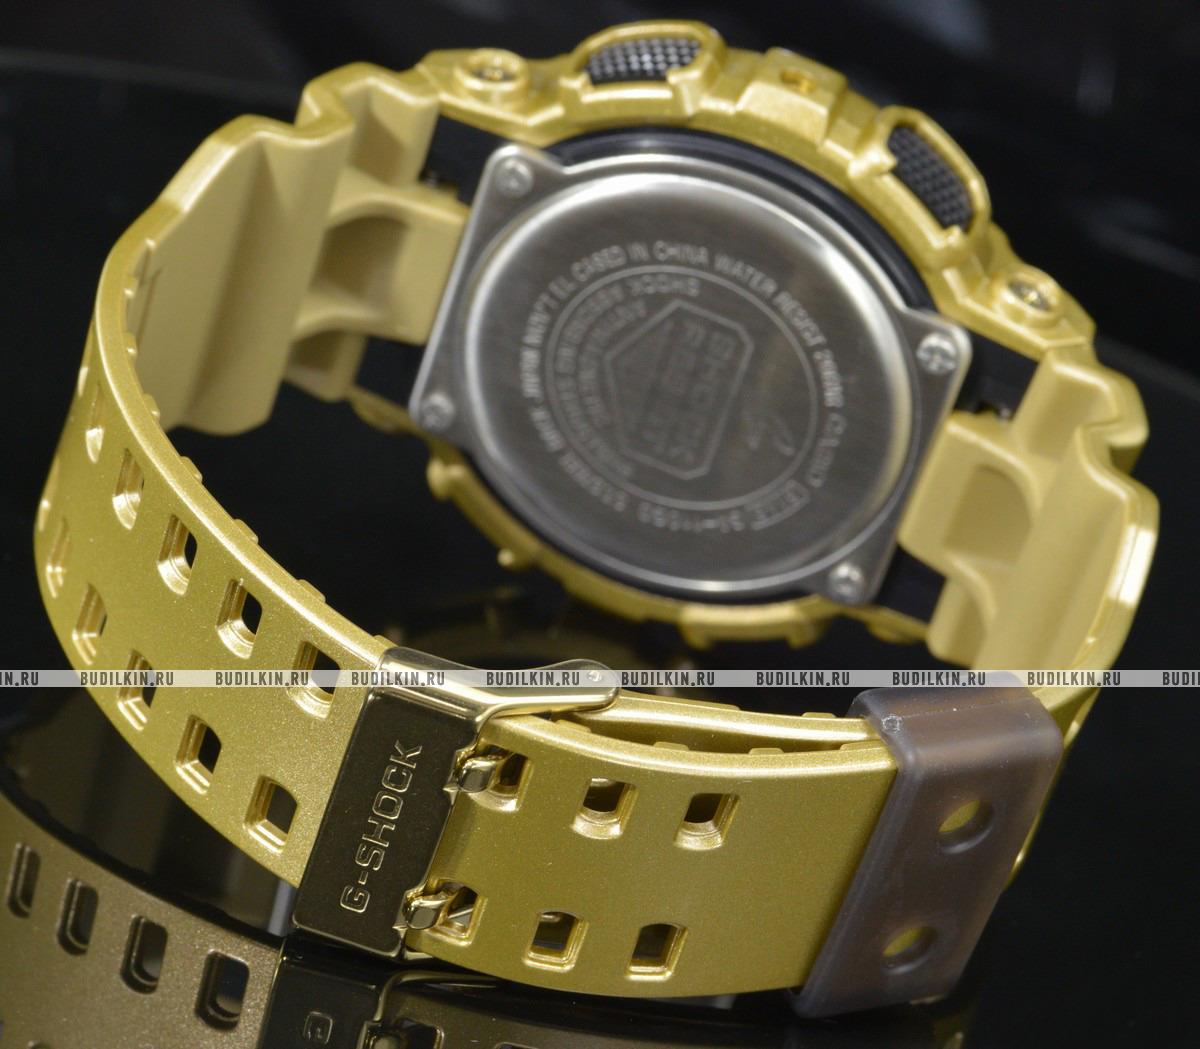 Rado Купить швейцарские часы Rado цена